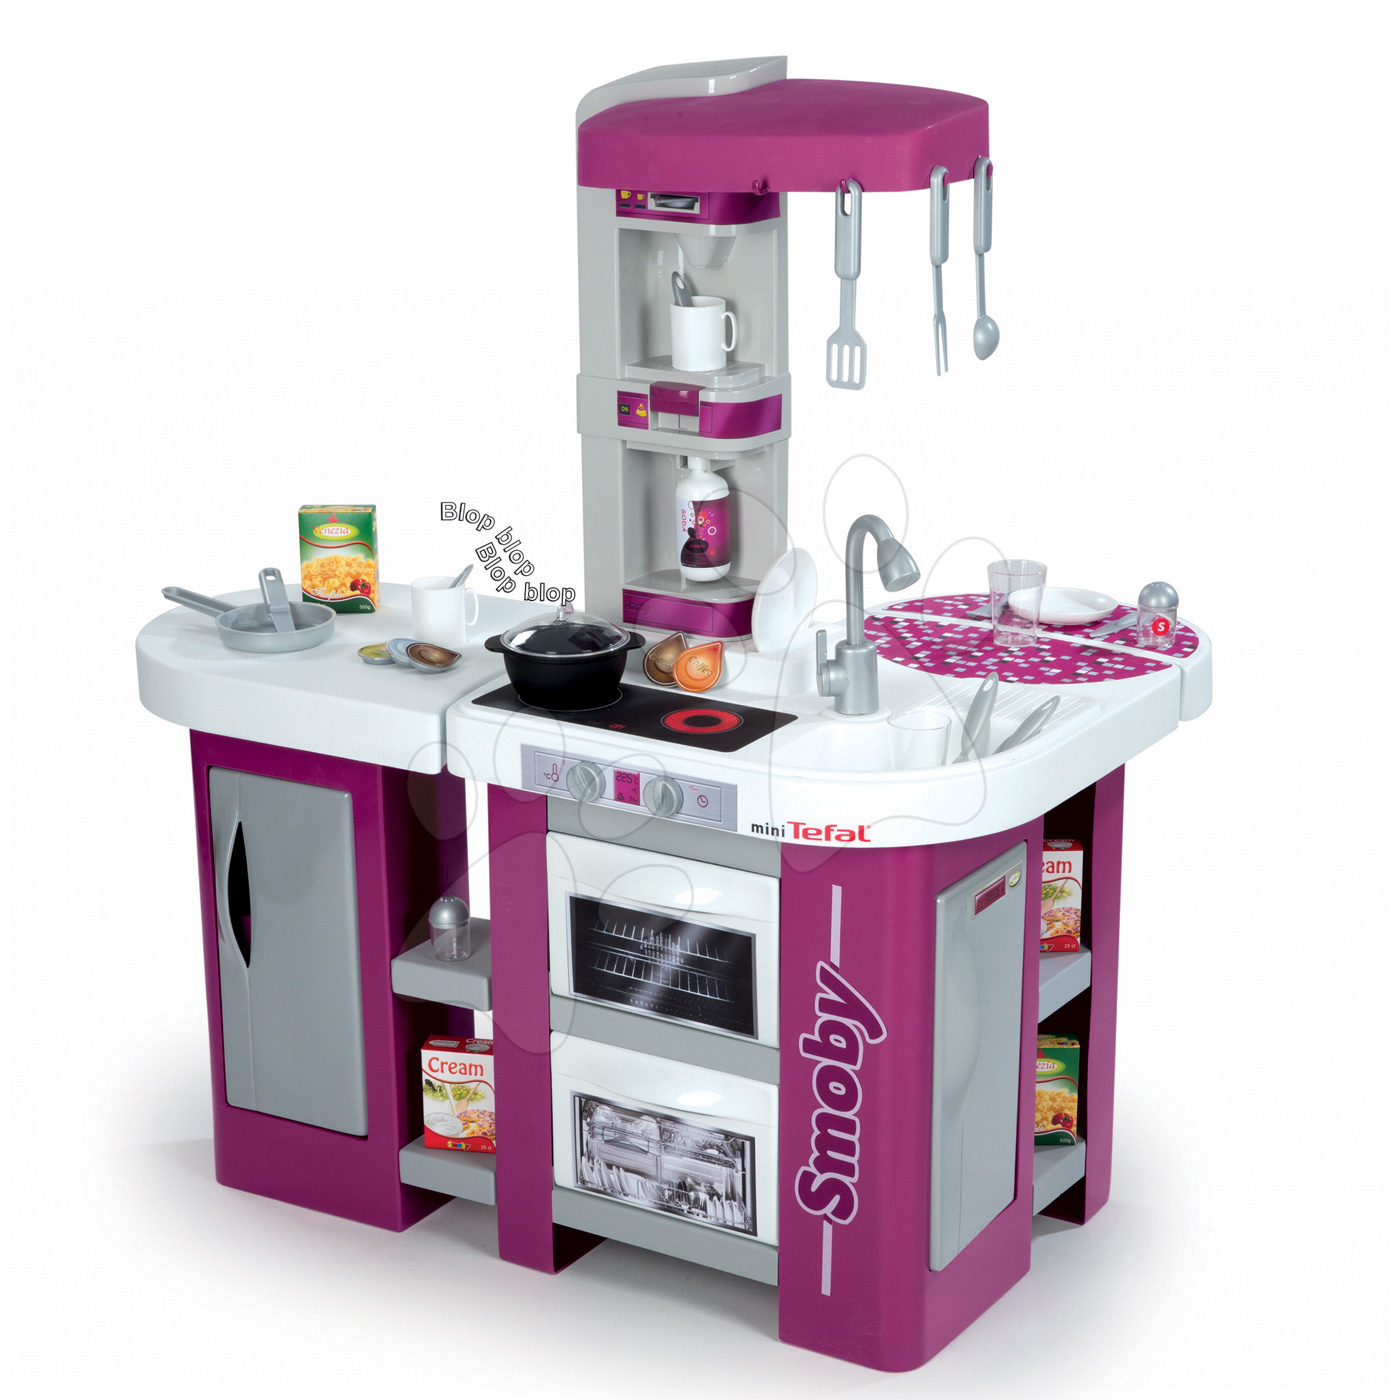 Elektronické kuchynky - Kuchynka Studio XL Tefal Smoby elektronická so zvukmi, so sódovačom, chladničkou a 32 doplnkami fialová